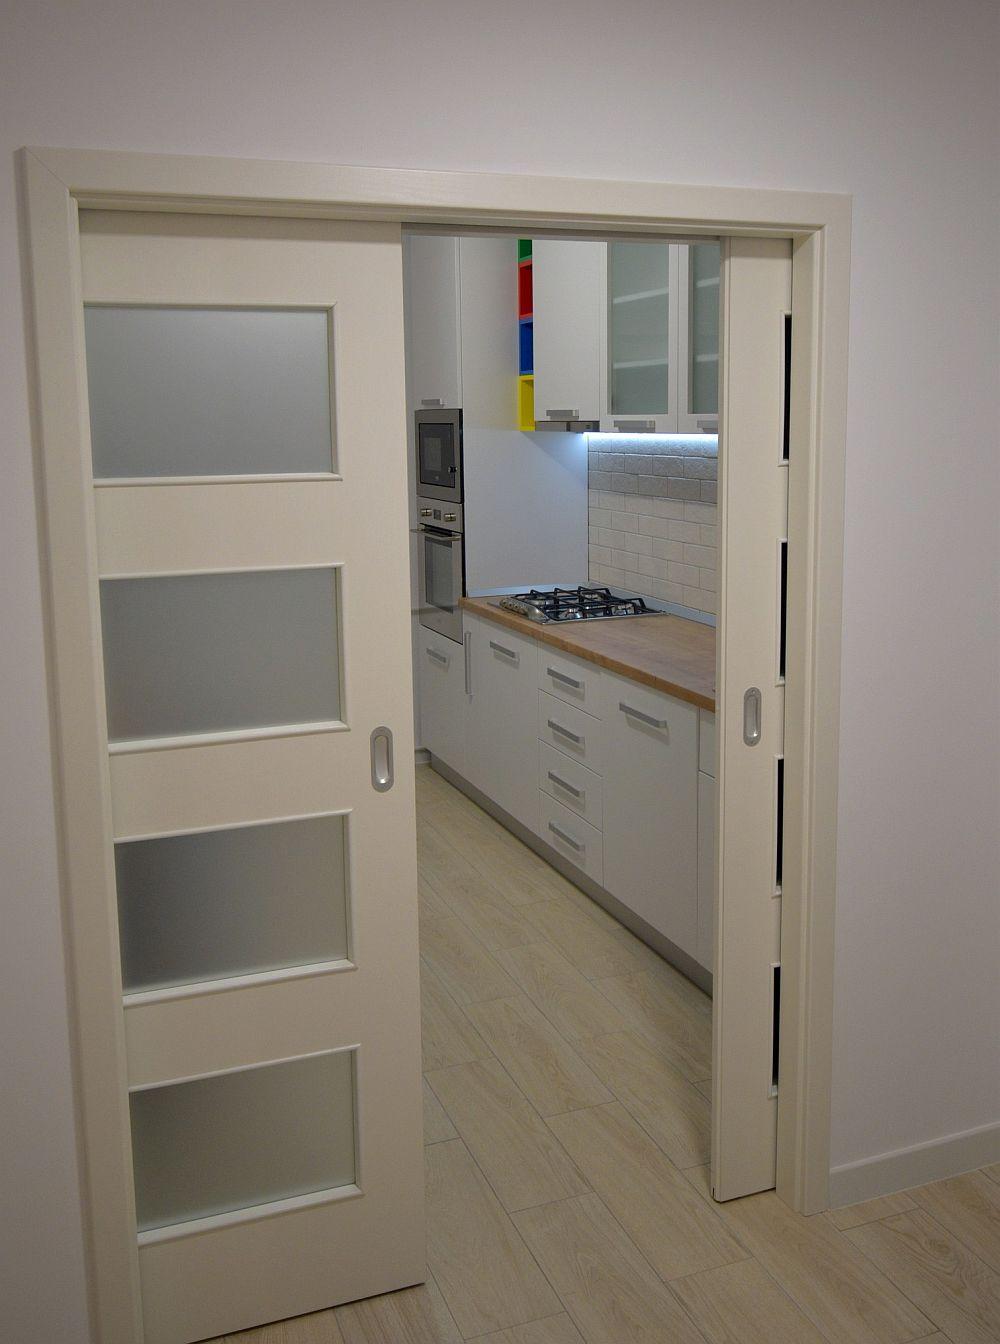 Bucătăria după renovare închisă cu uși culisante.